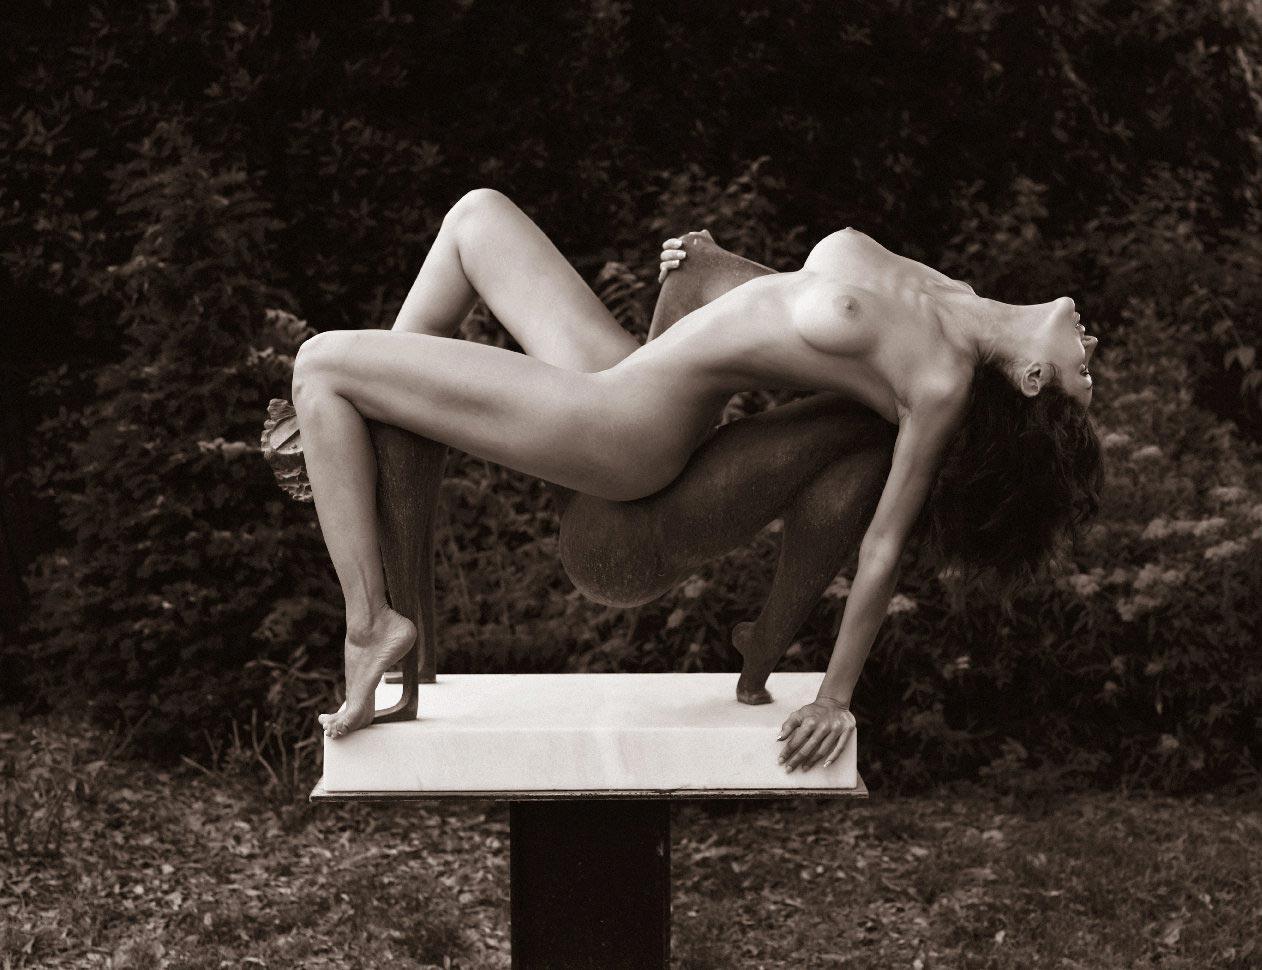 réussir ses nus artistiques en extérieur